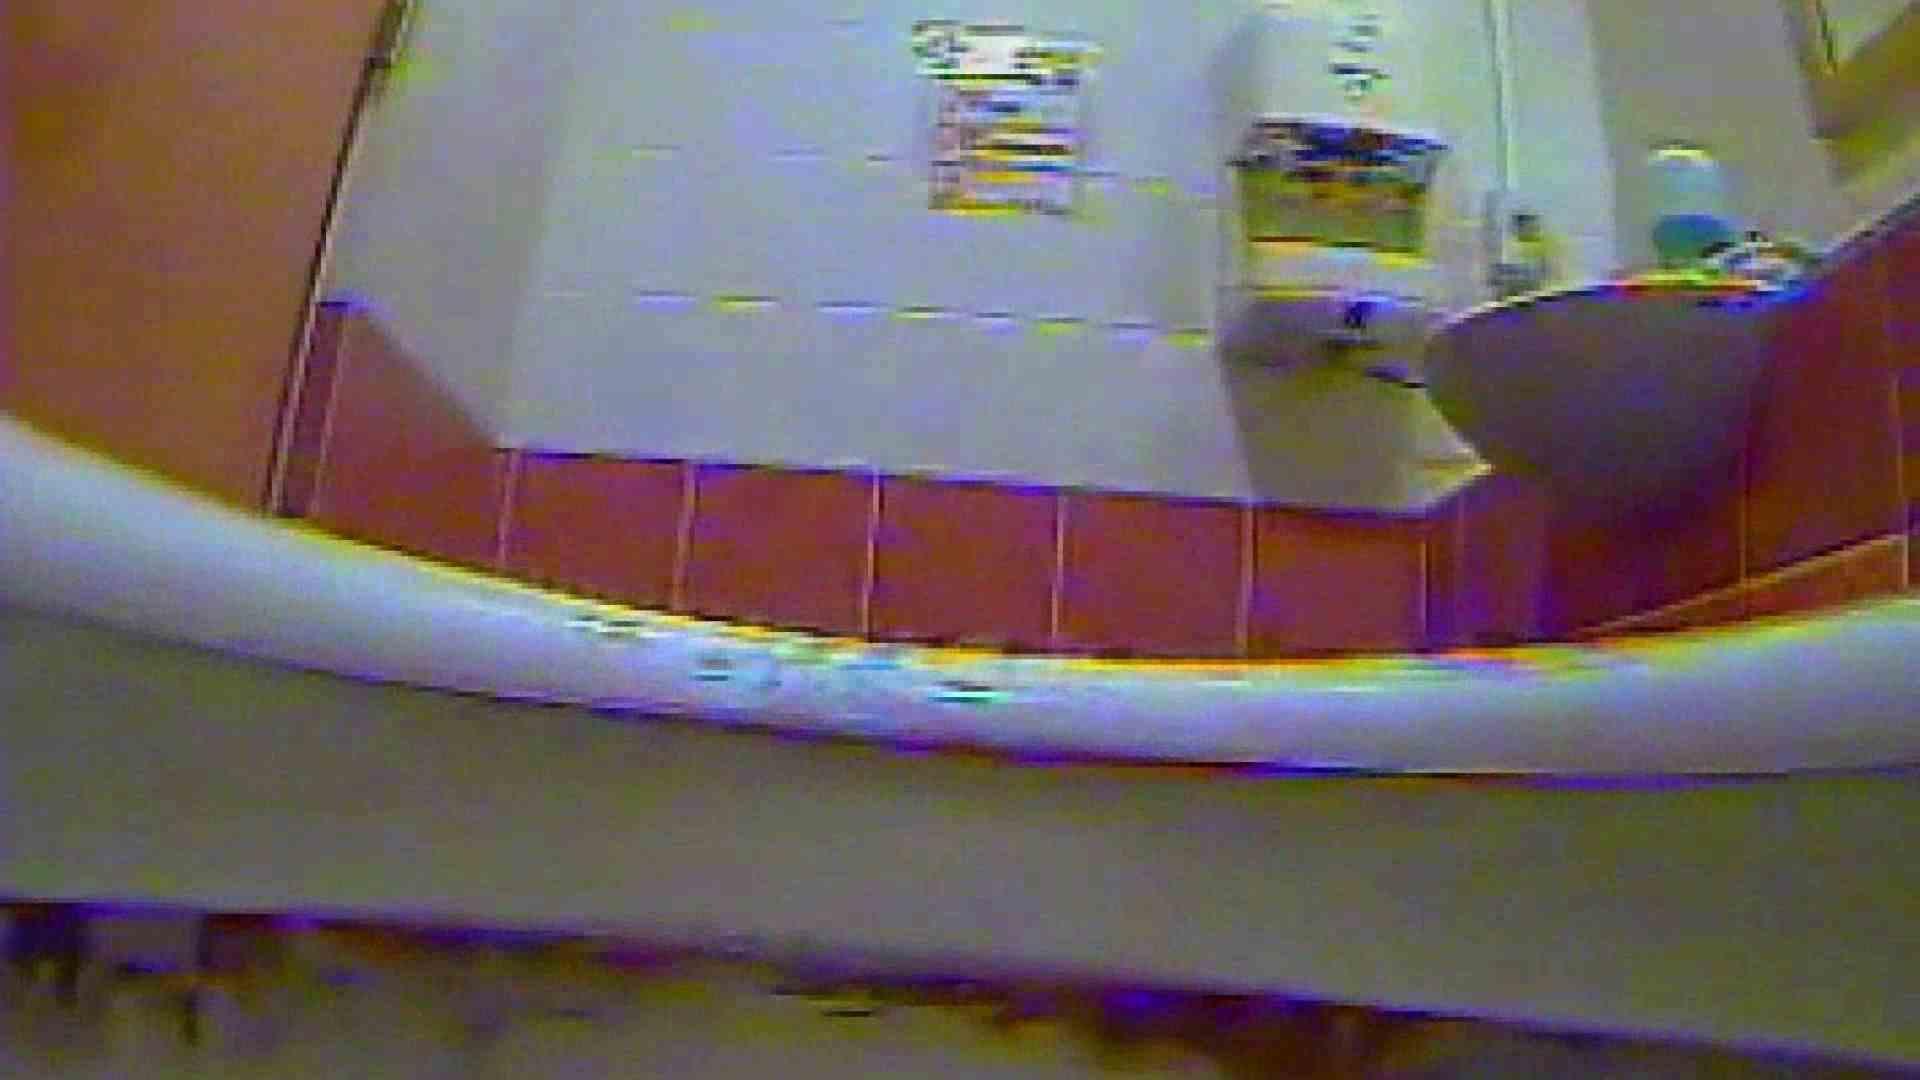 キレカワ女子大生の秘密の洗面所!Vol.012 バックショット のぞき濡れ場動画紹介 50画像 30